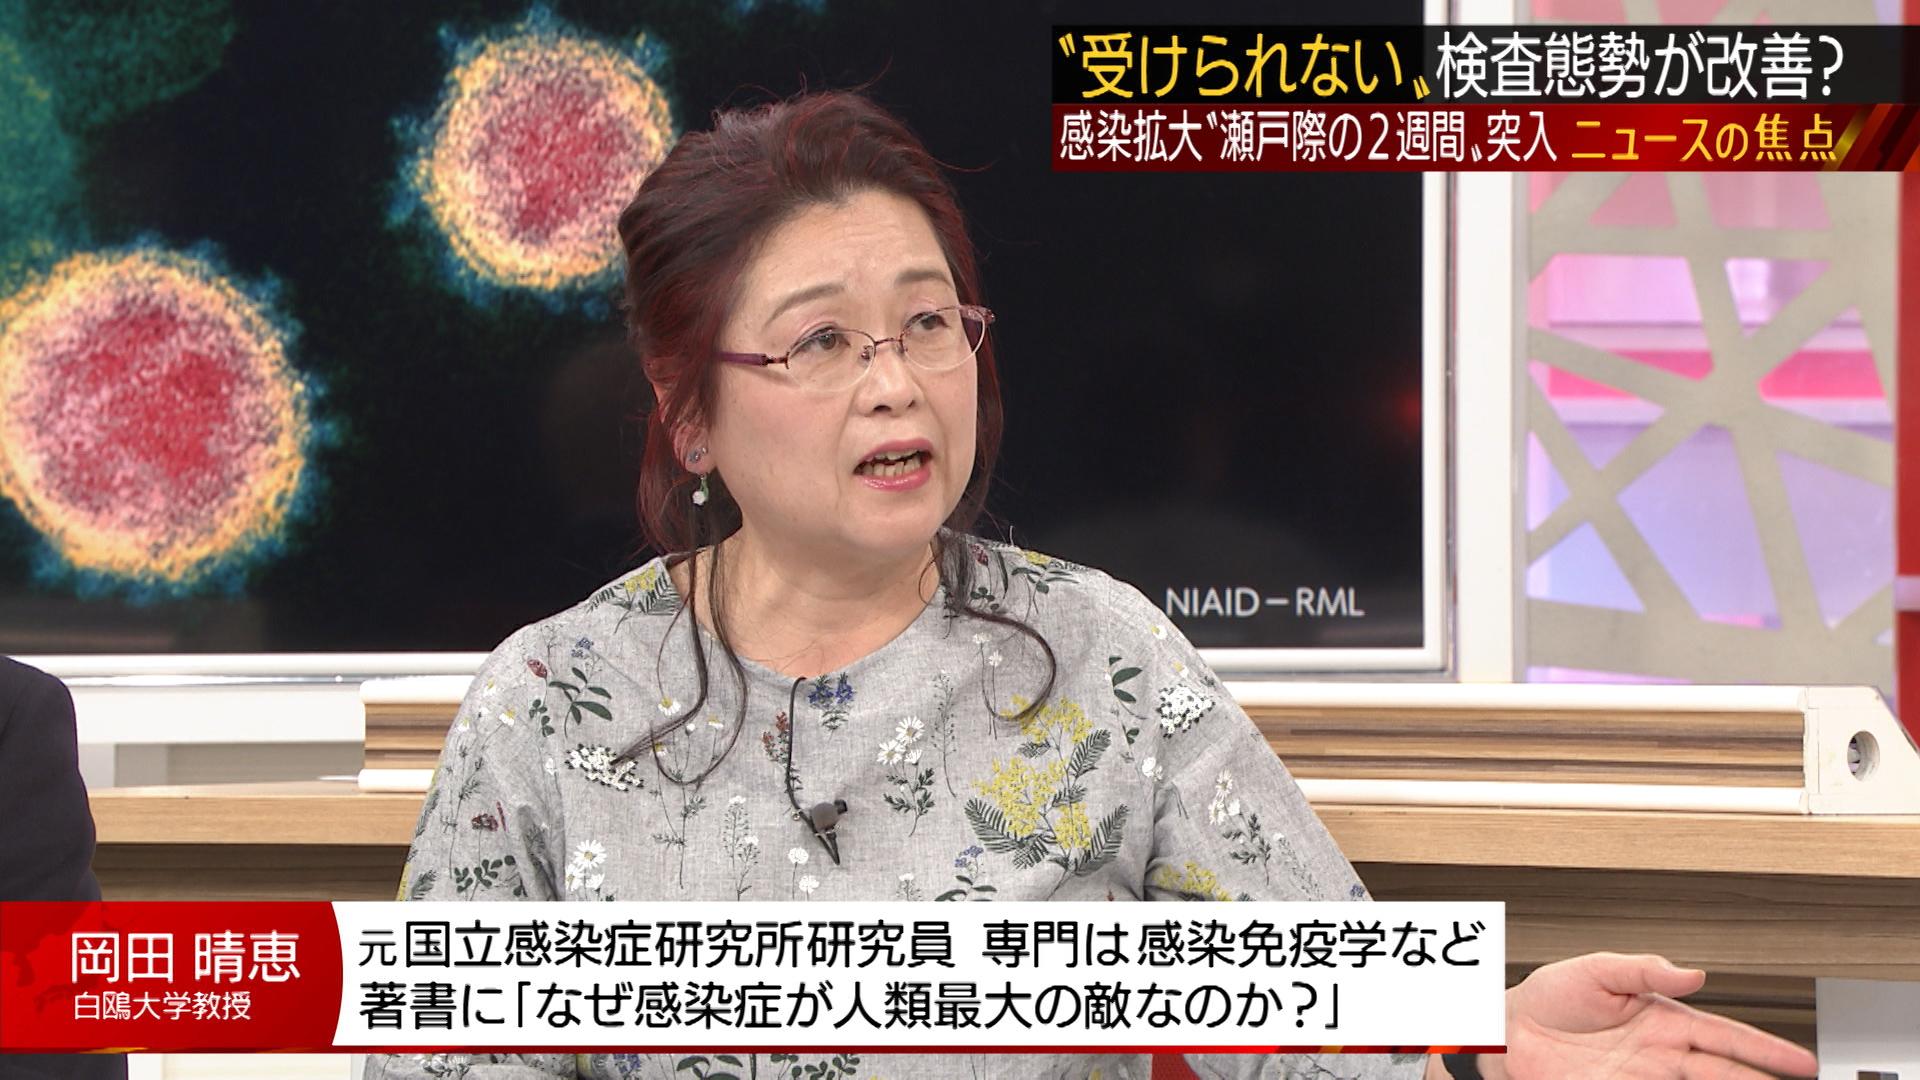 岡田晴恵 テレビ出ない